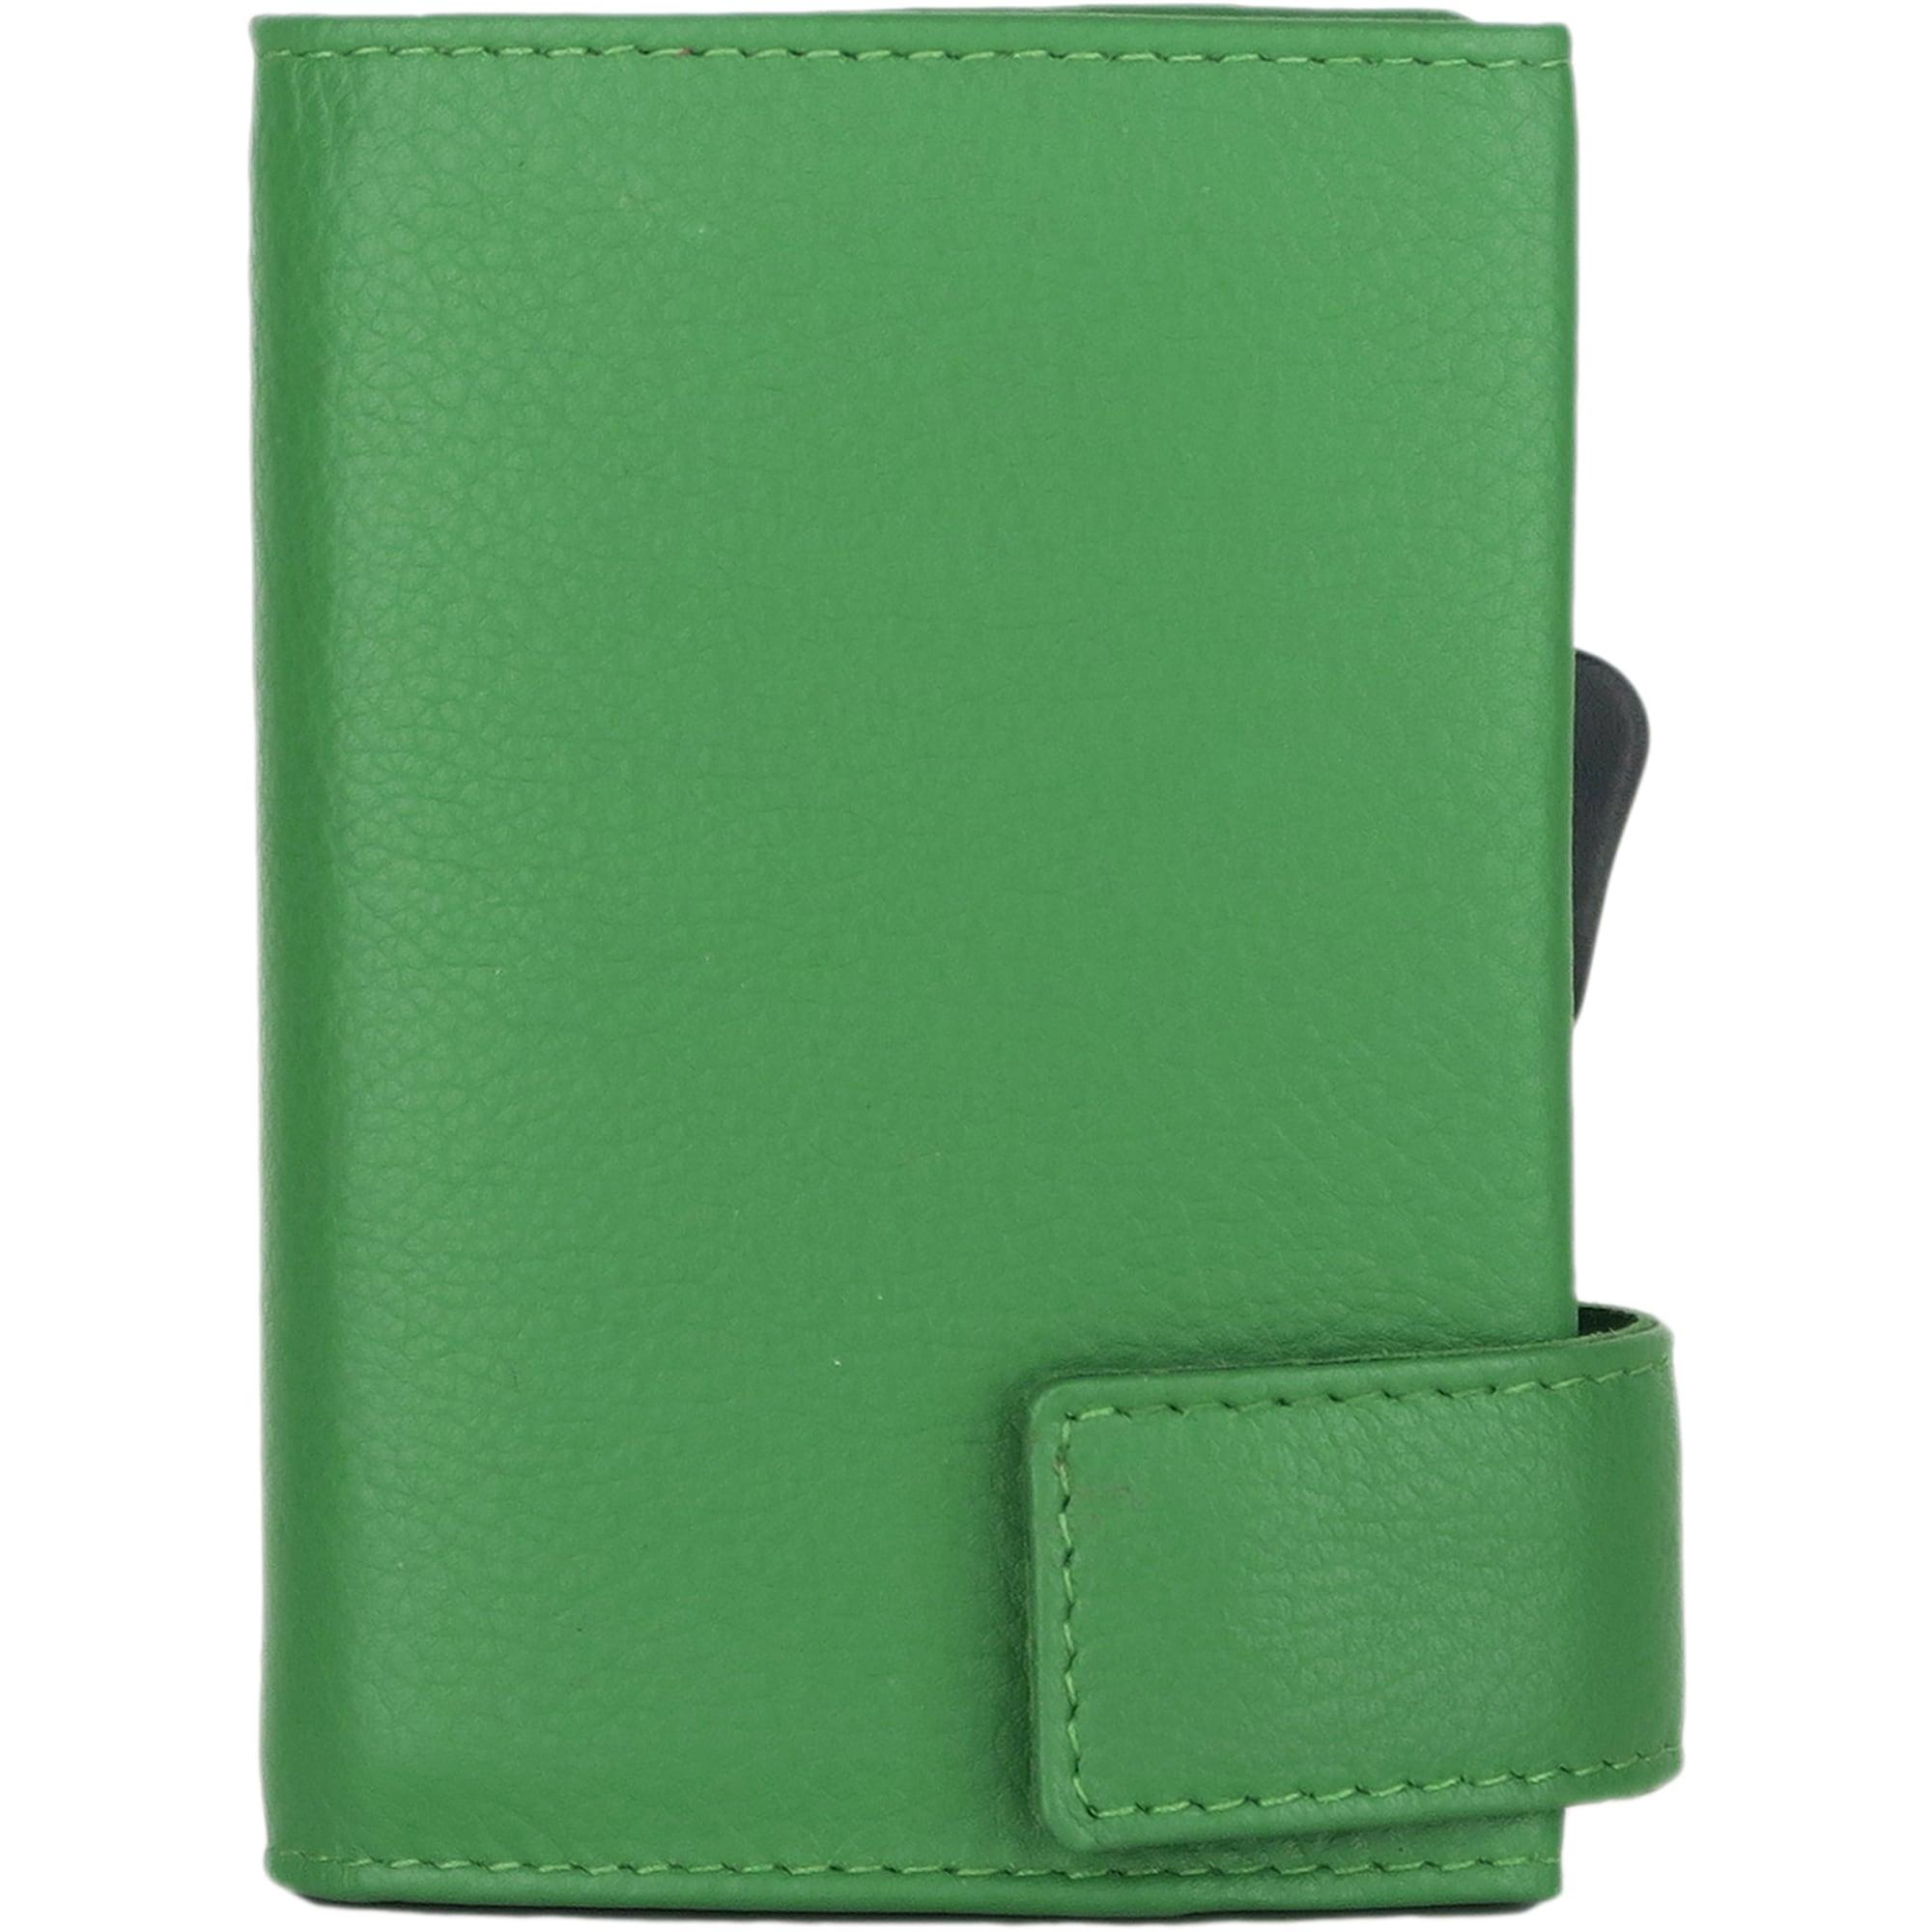 Geldbörse   Accessoires > Portemonnaies   SecWal